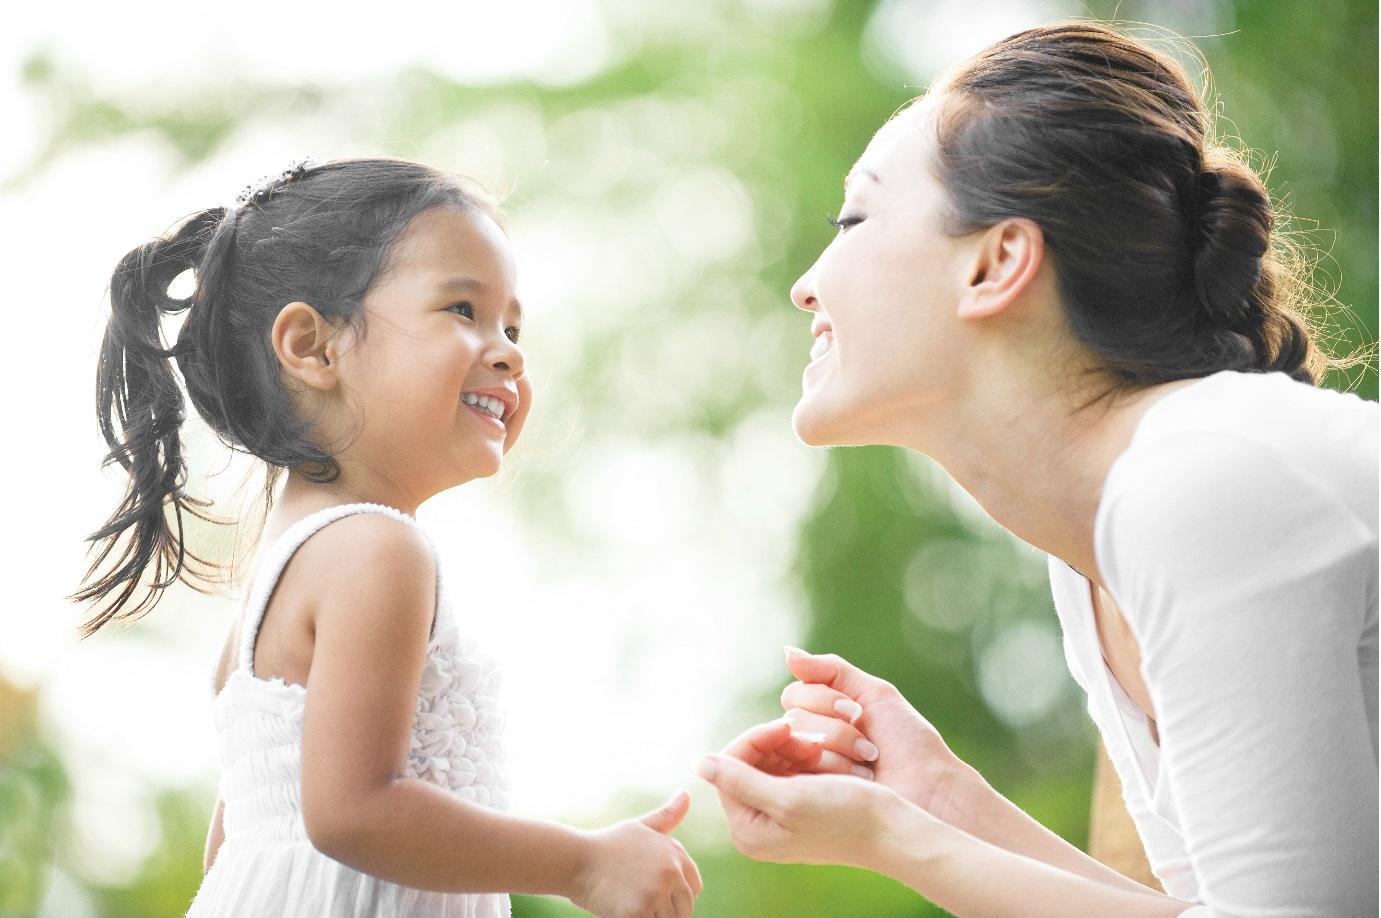 Phụ nữ thuộc những con giáp này khi làm mẹ sẽ để phúc phần, phú quý cho con cháu